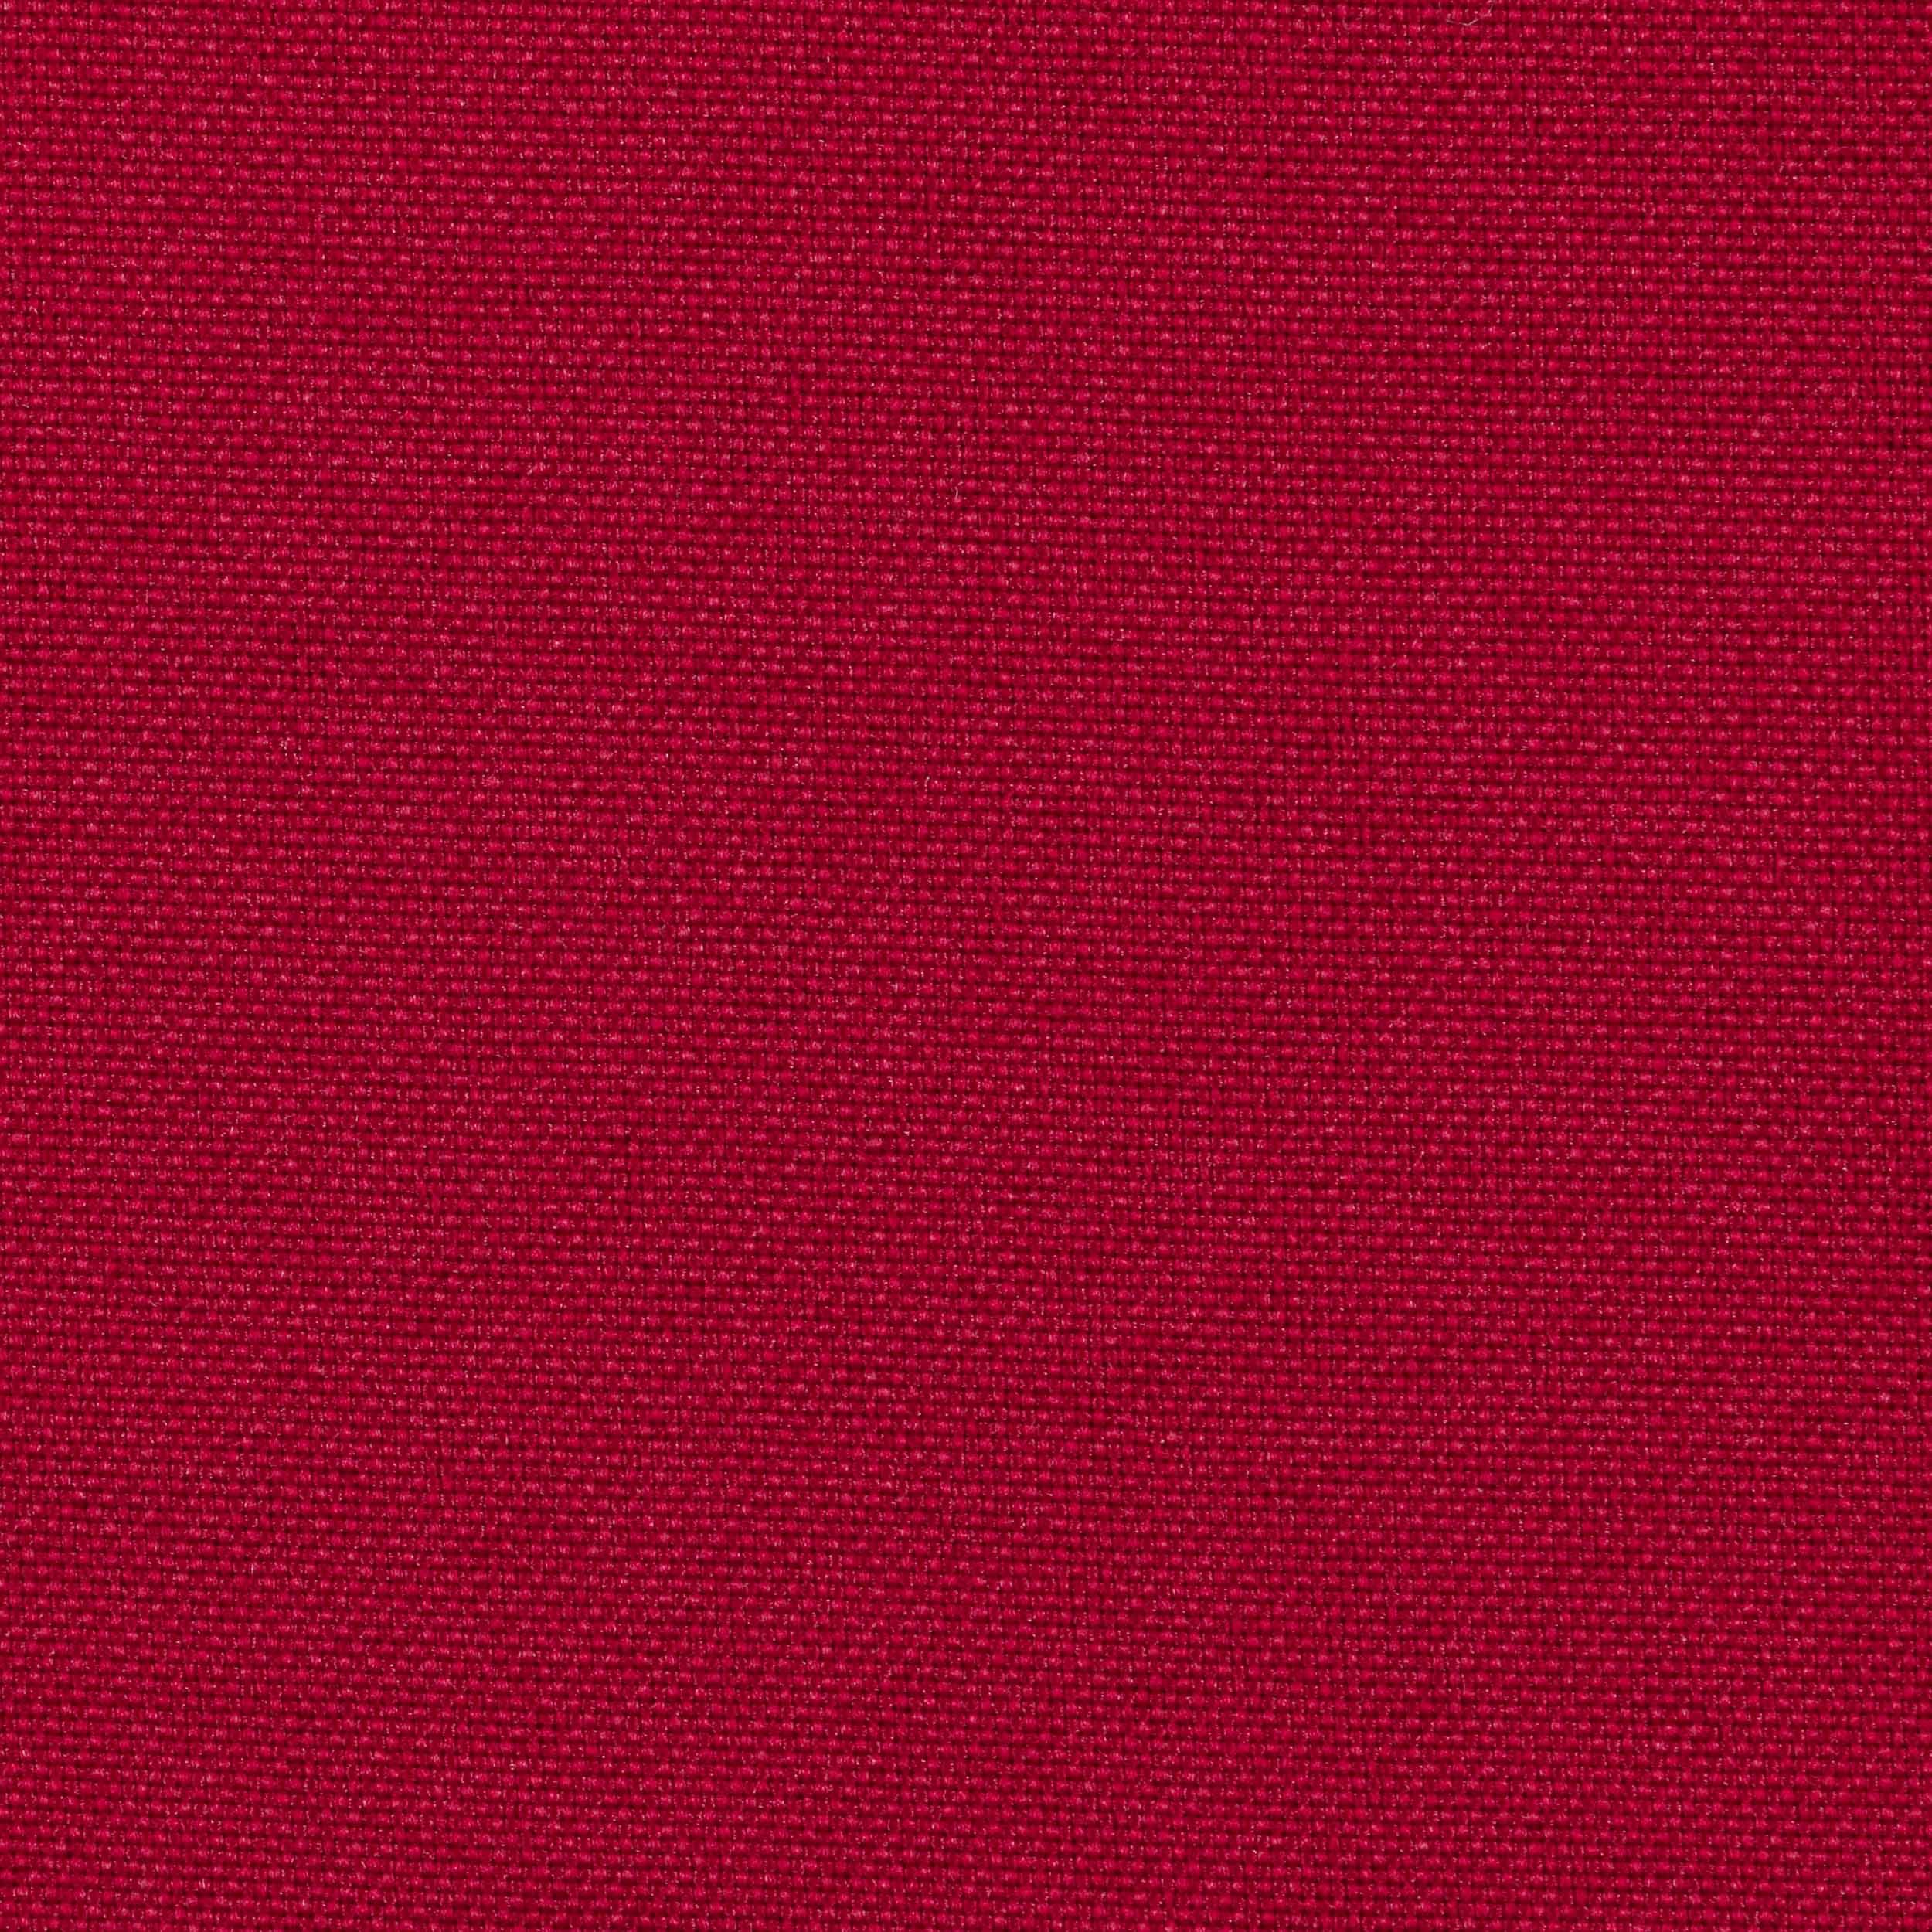 ... Toga da Laurea by Lierys - rosso bordeaux 2 ... c1aefb4f80de